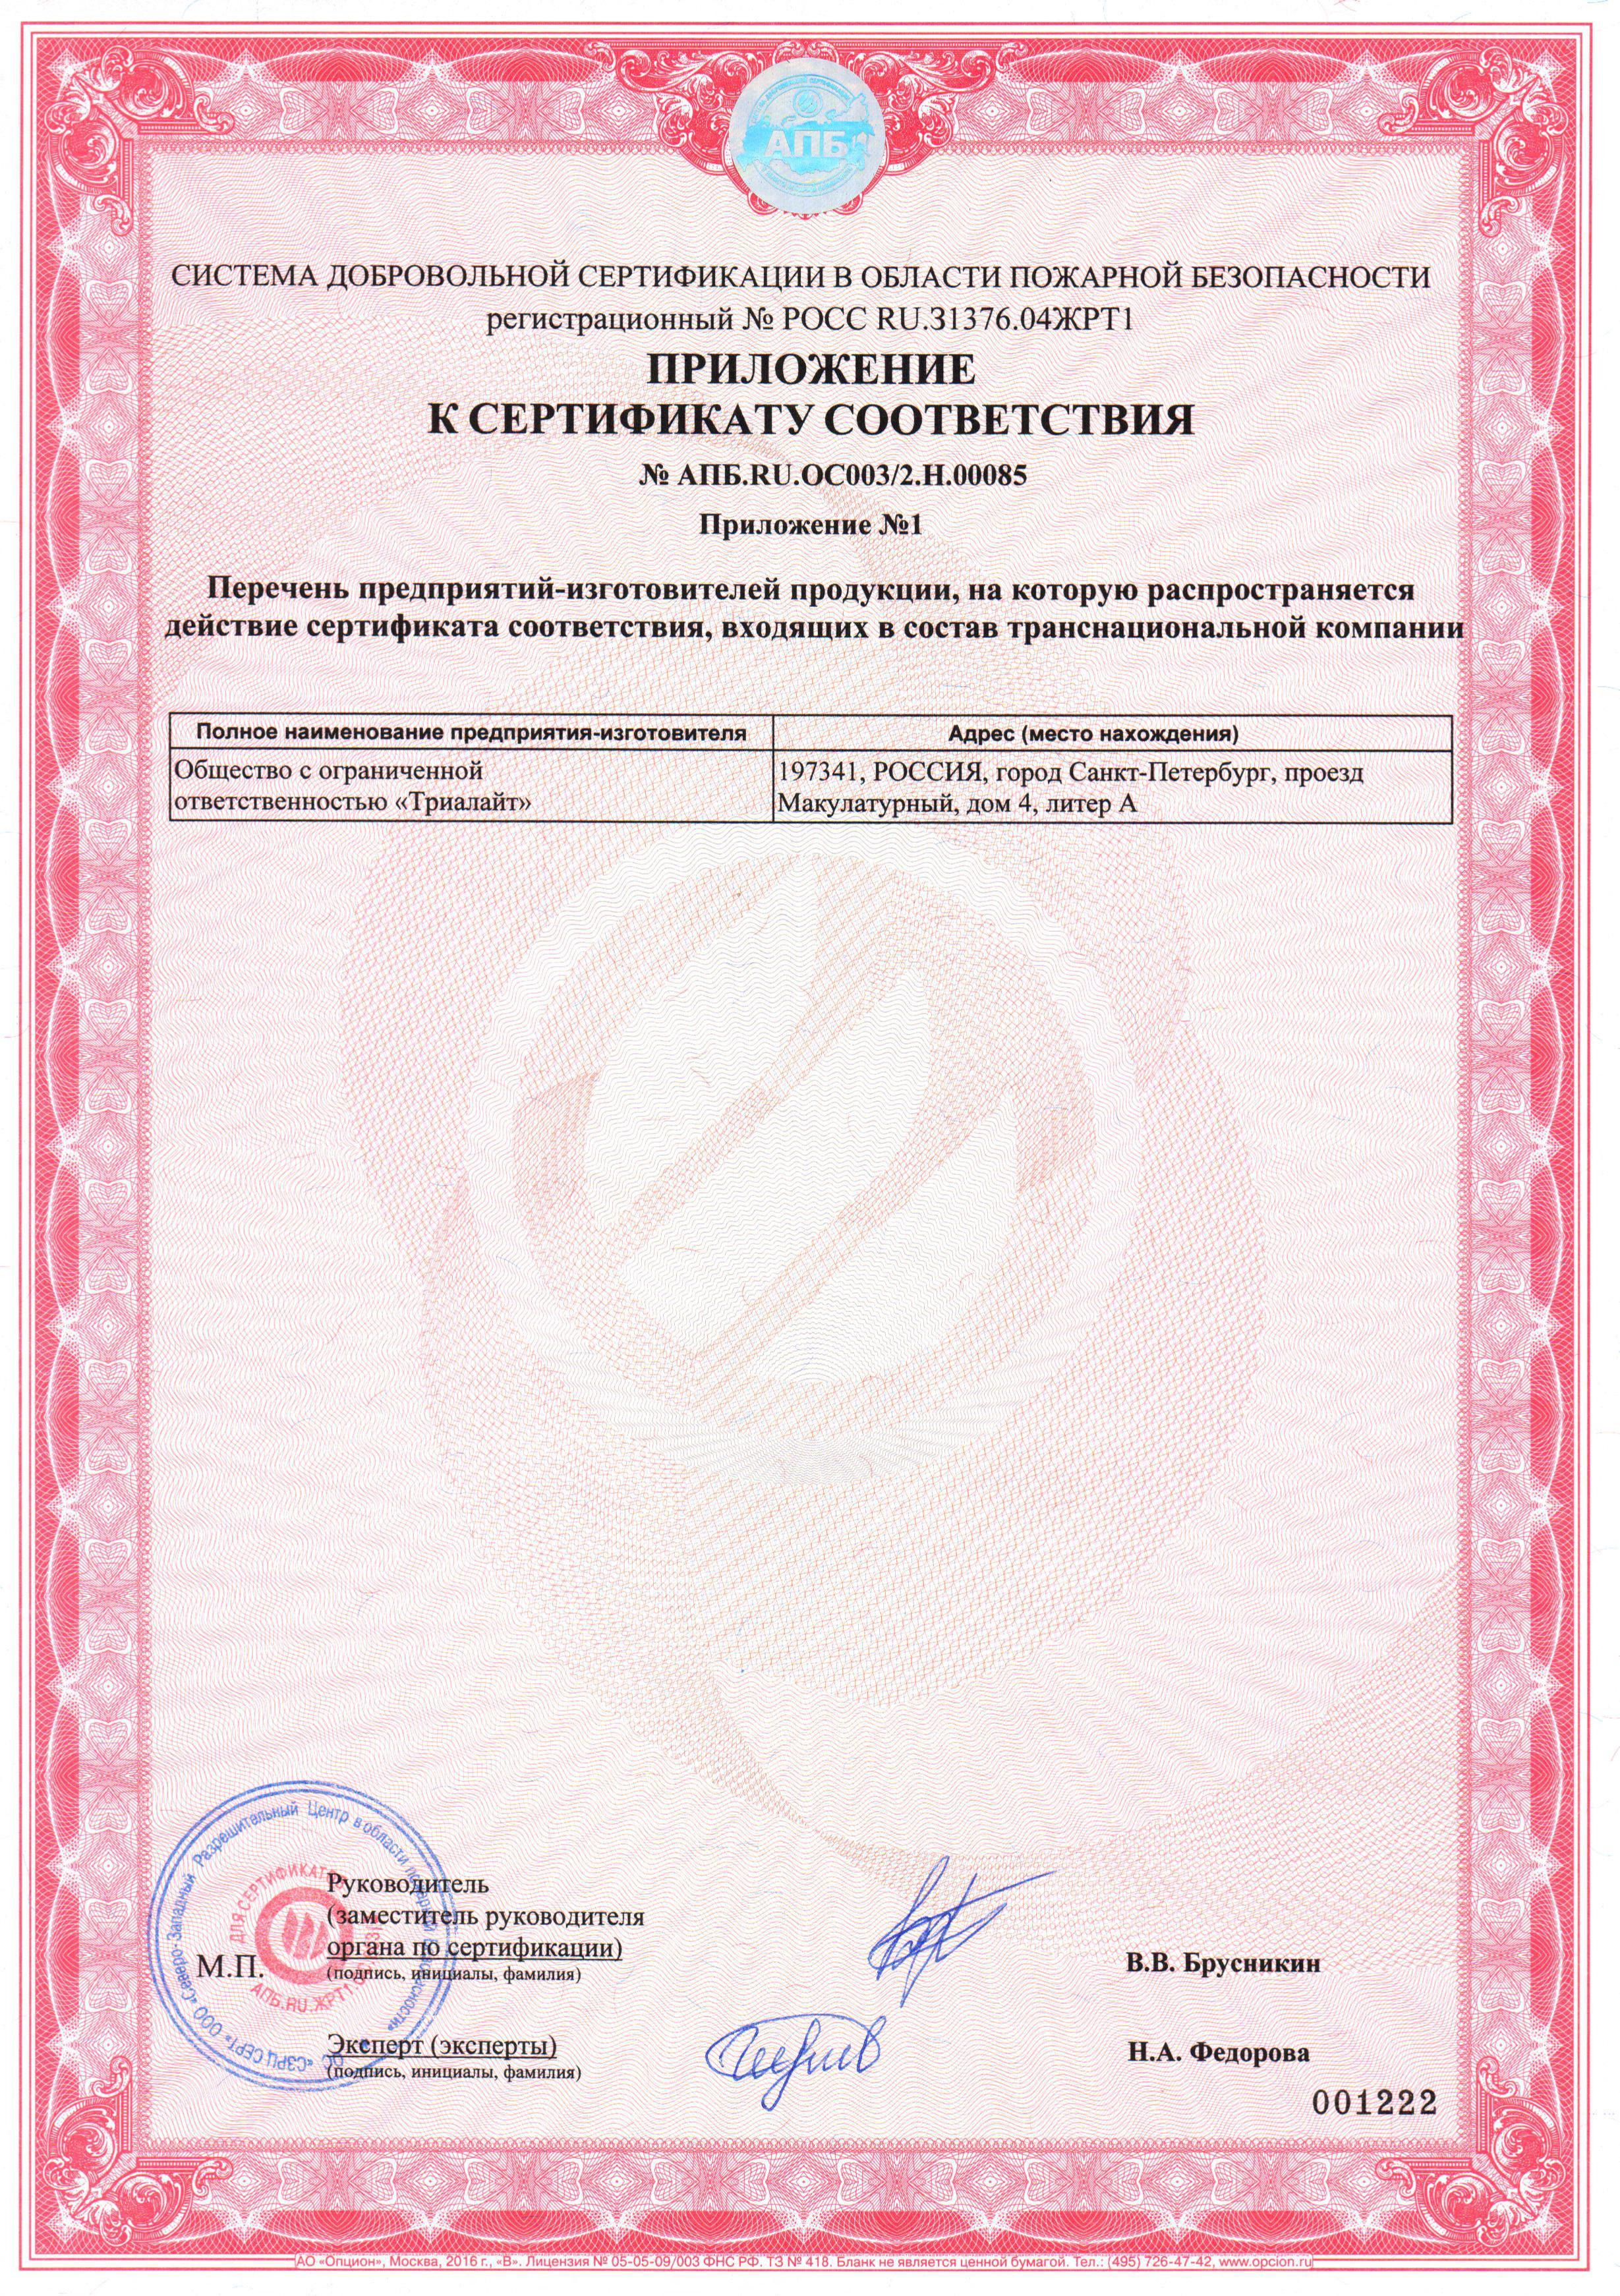 Приложение 1 к пожарному сертификату на светильники TRL